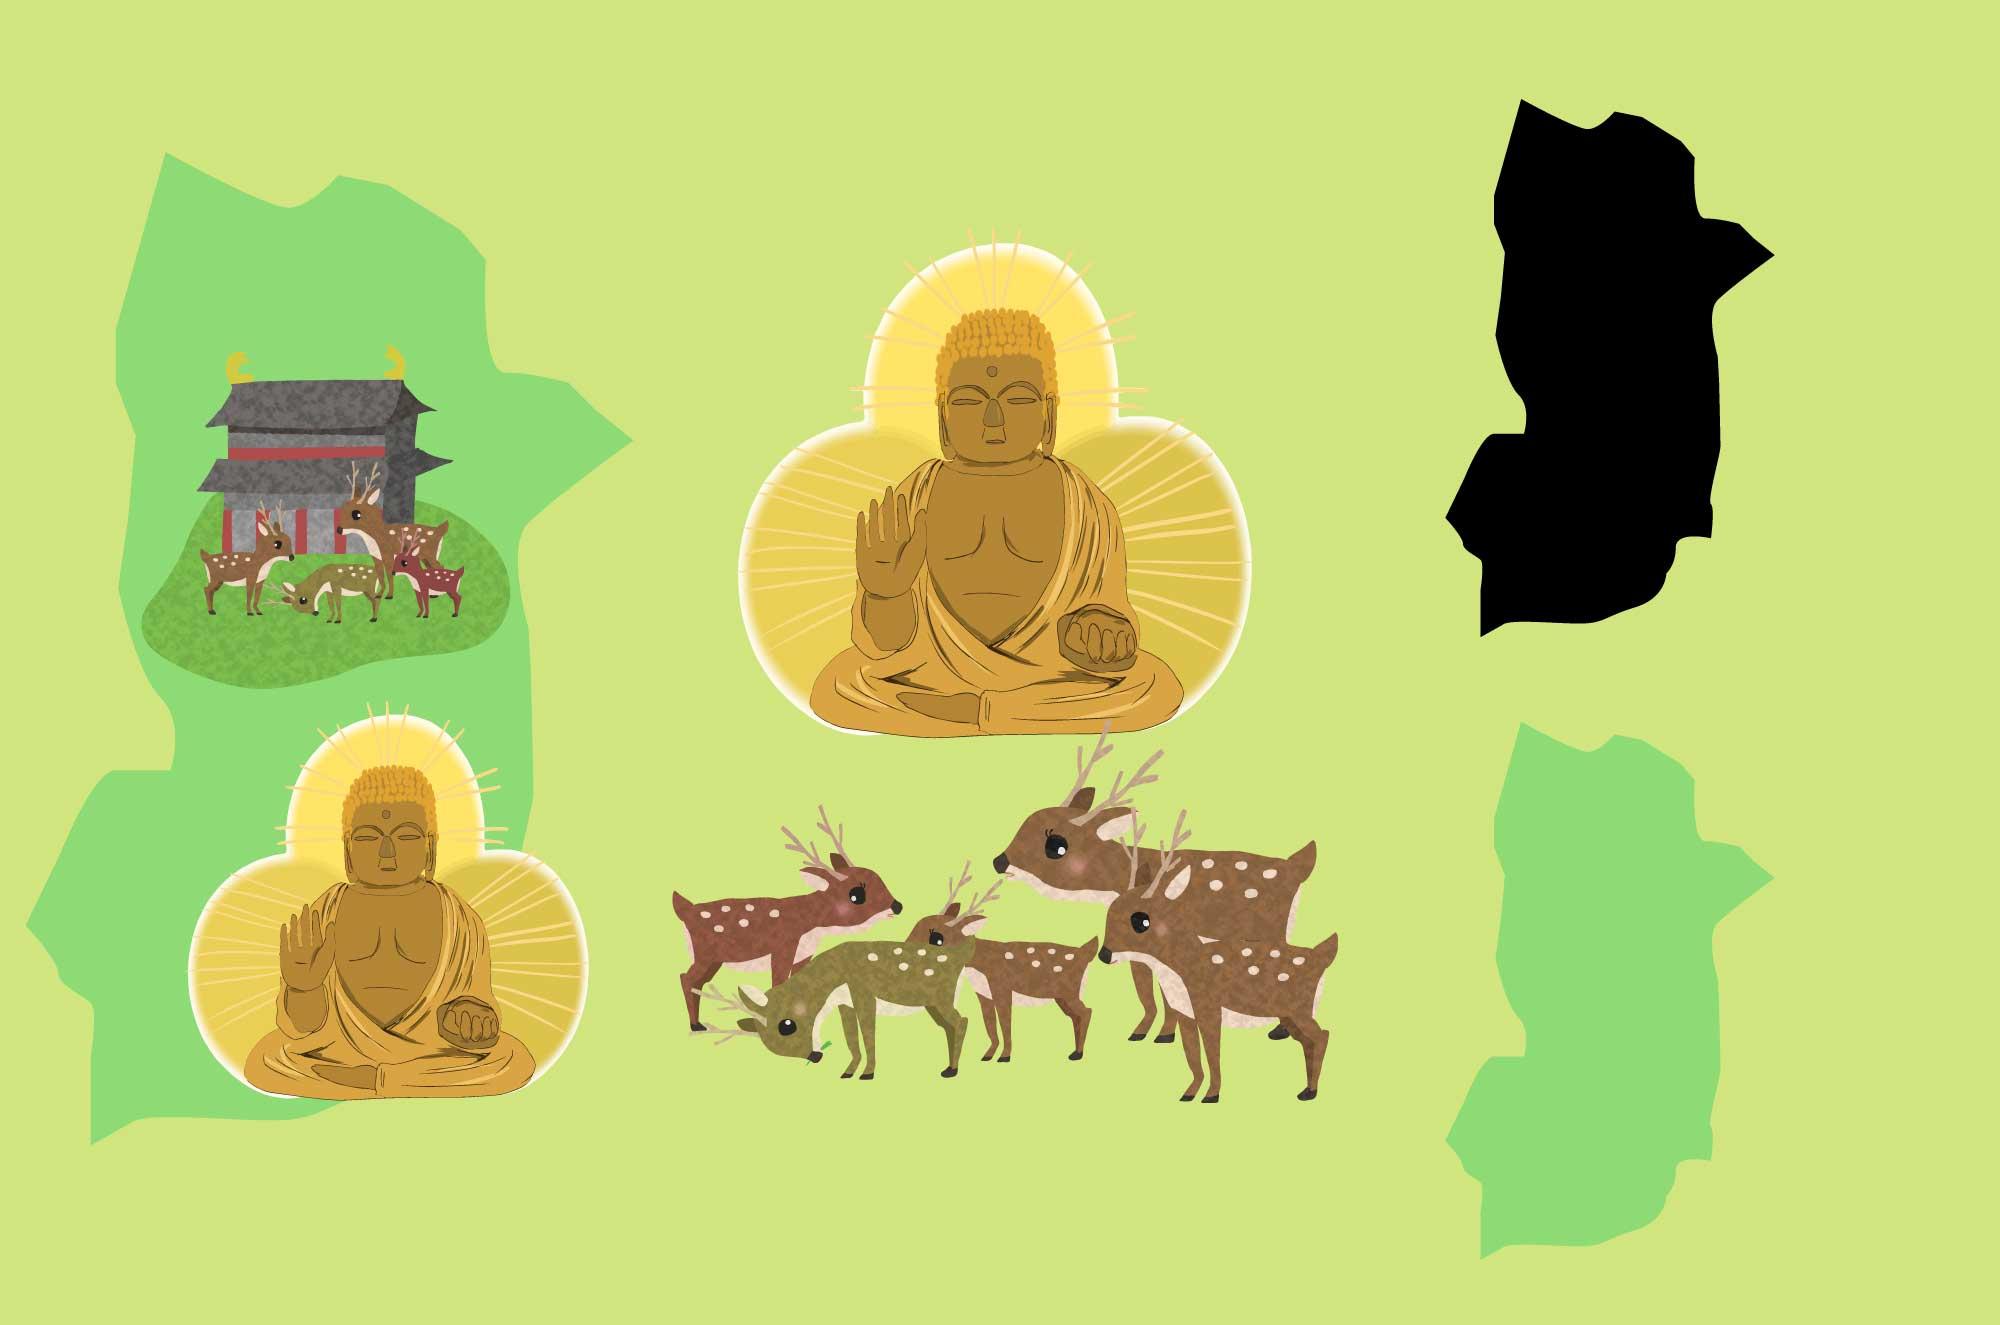 奈良の無料イラスト - 鹿と大仏・地域のフリー素材